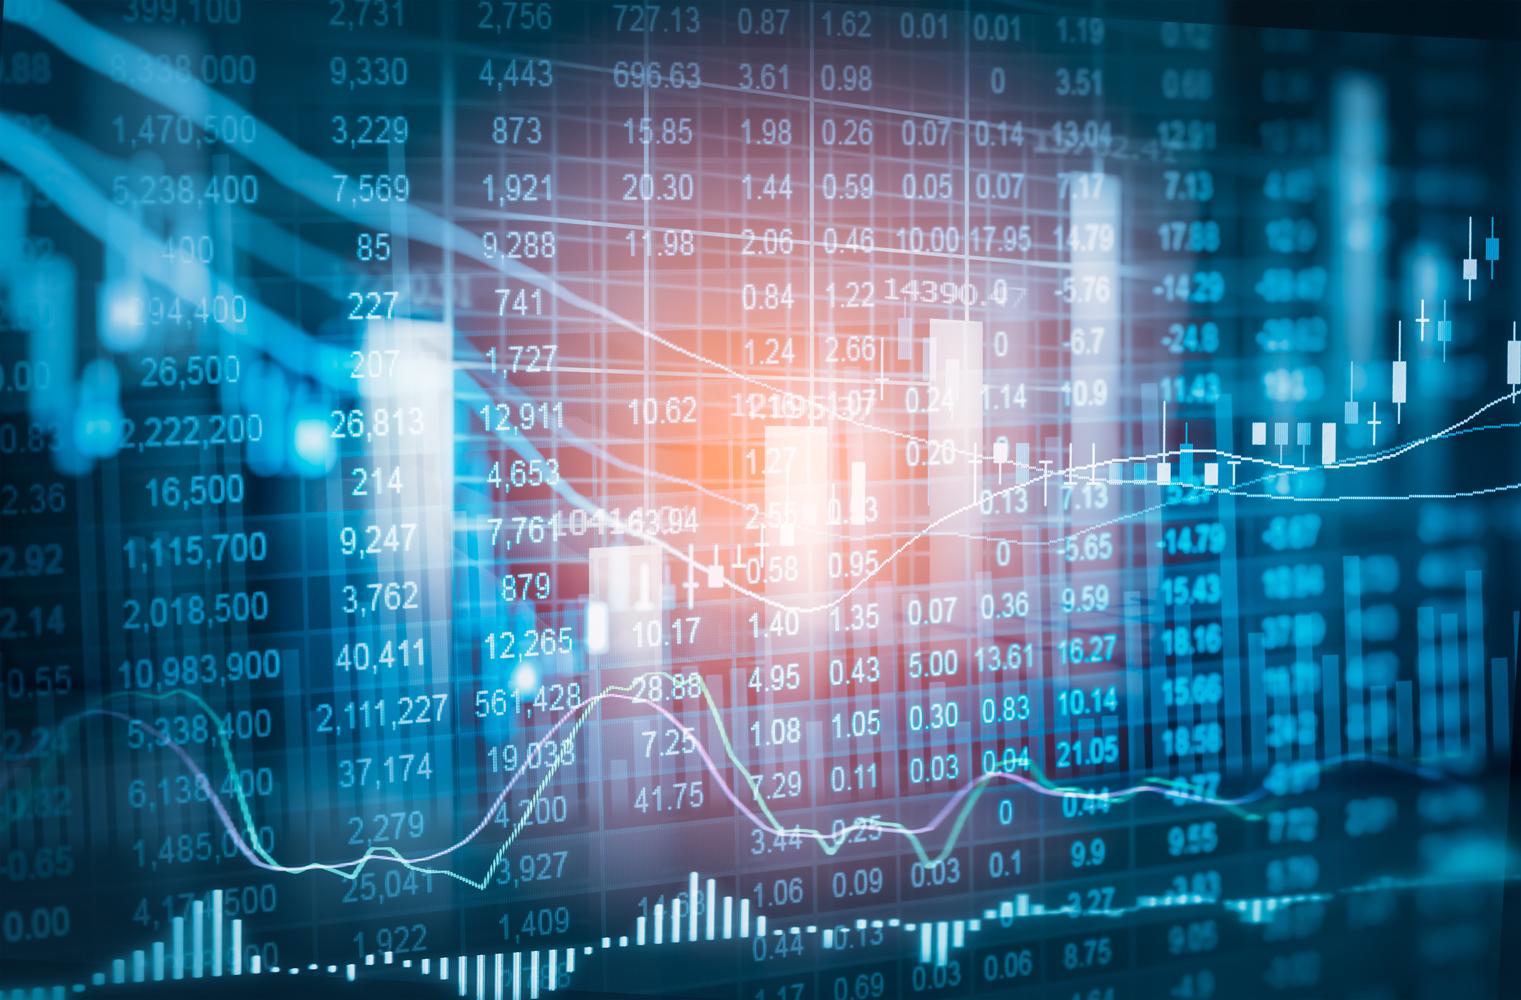 cum să investești bani în bitcoin opțiune multiplă